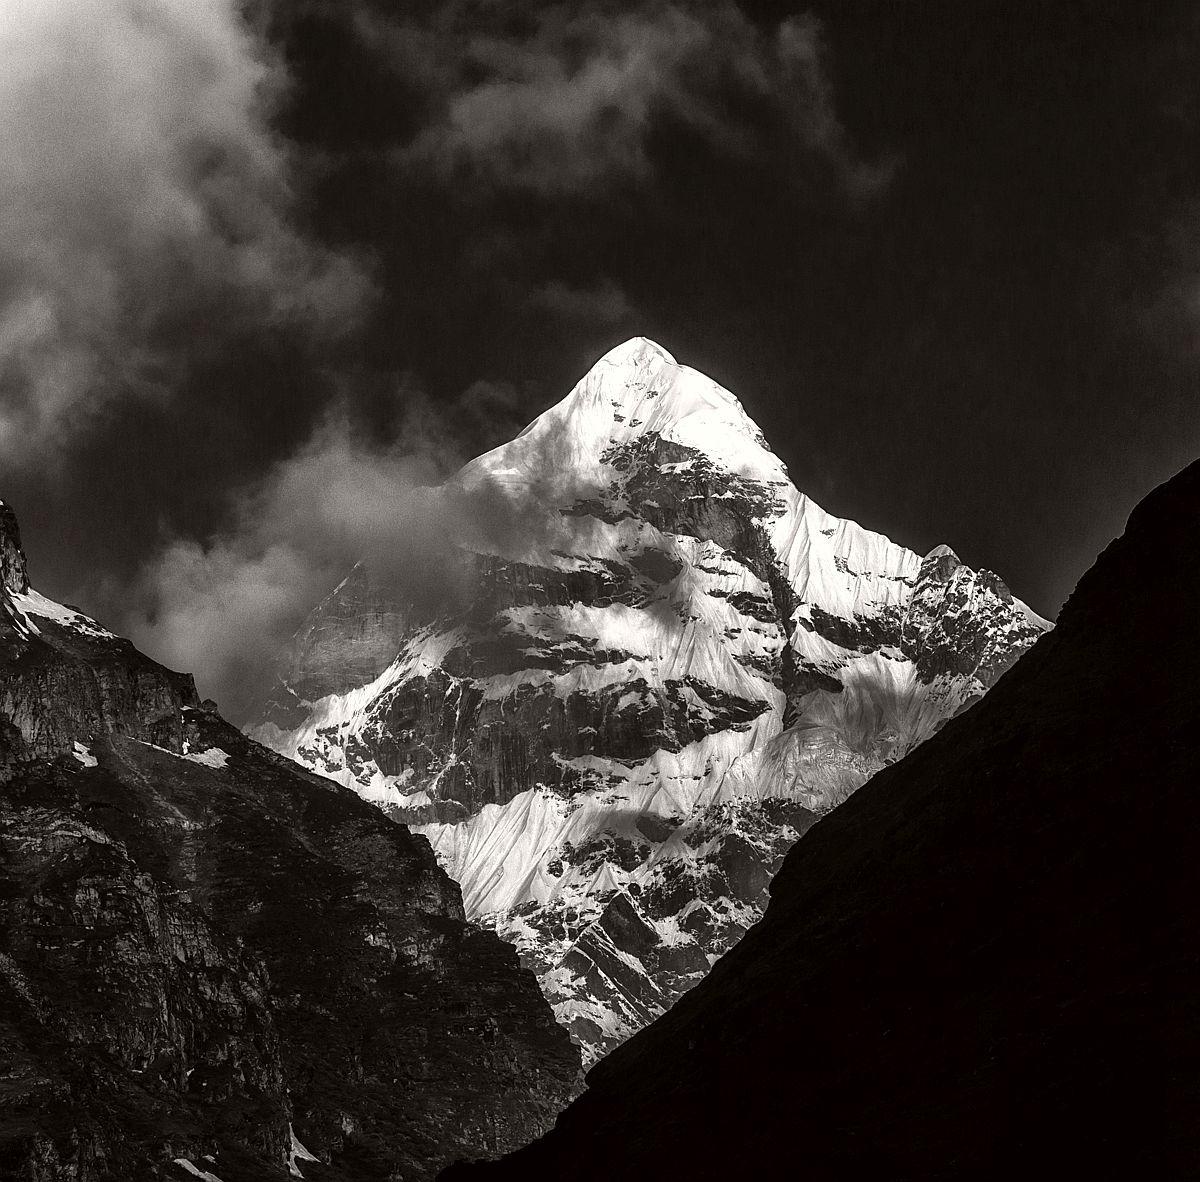 souvik-maitra-bw-landscape-photographer-16